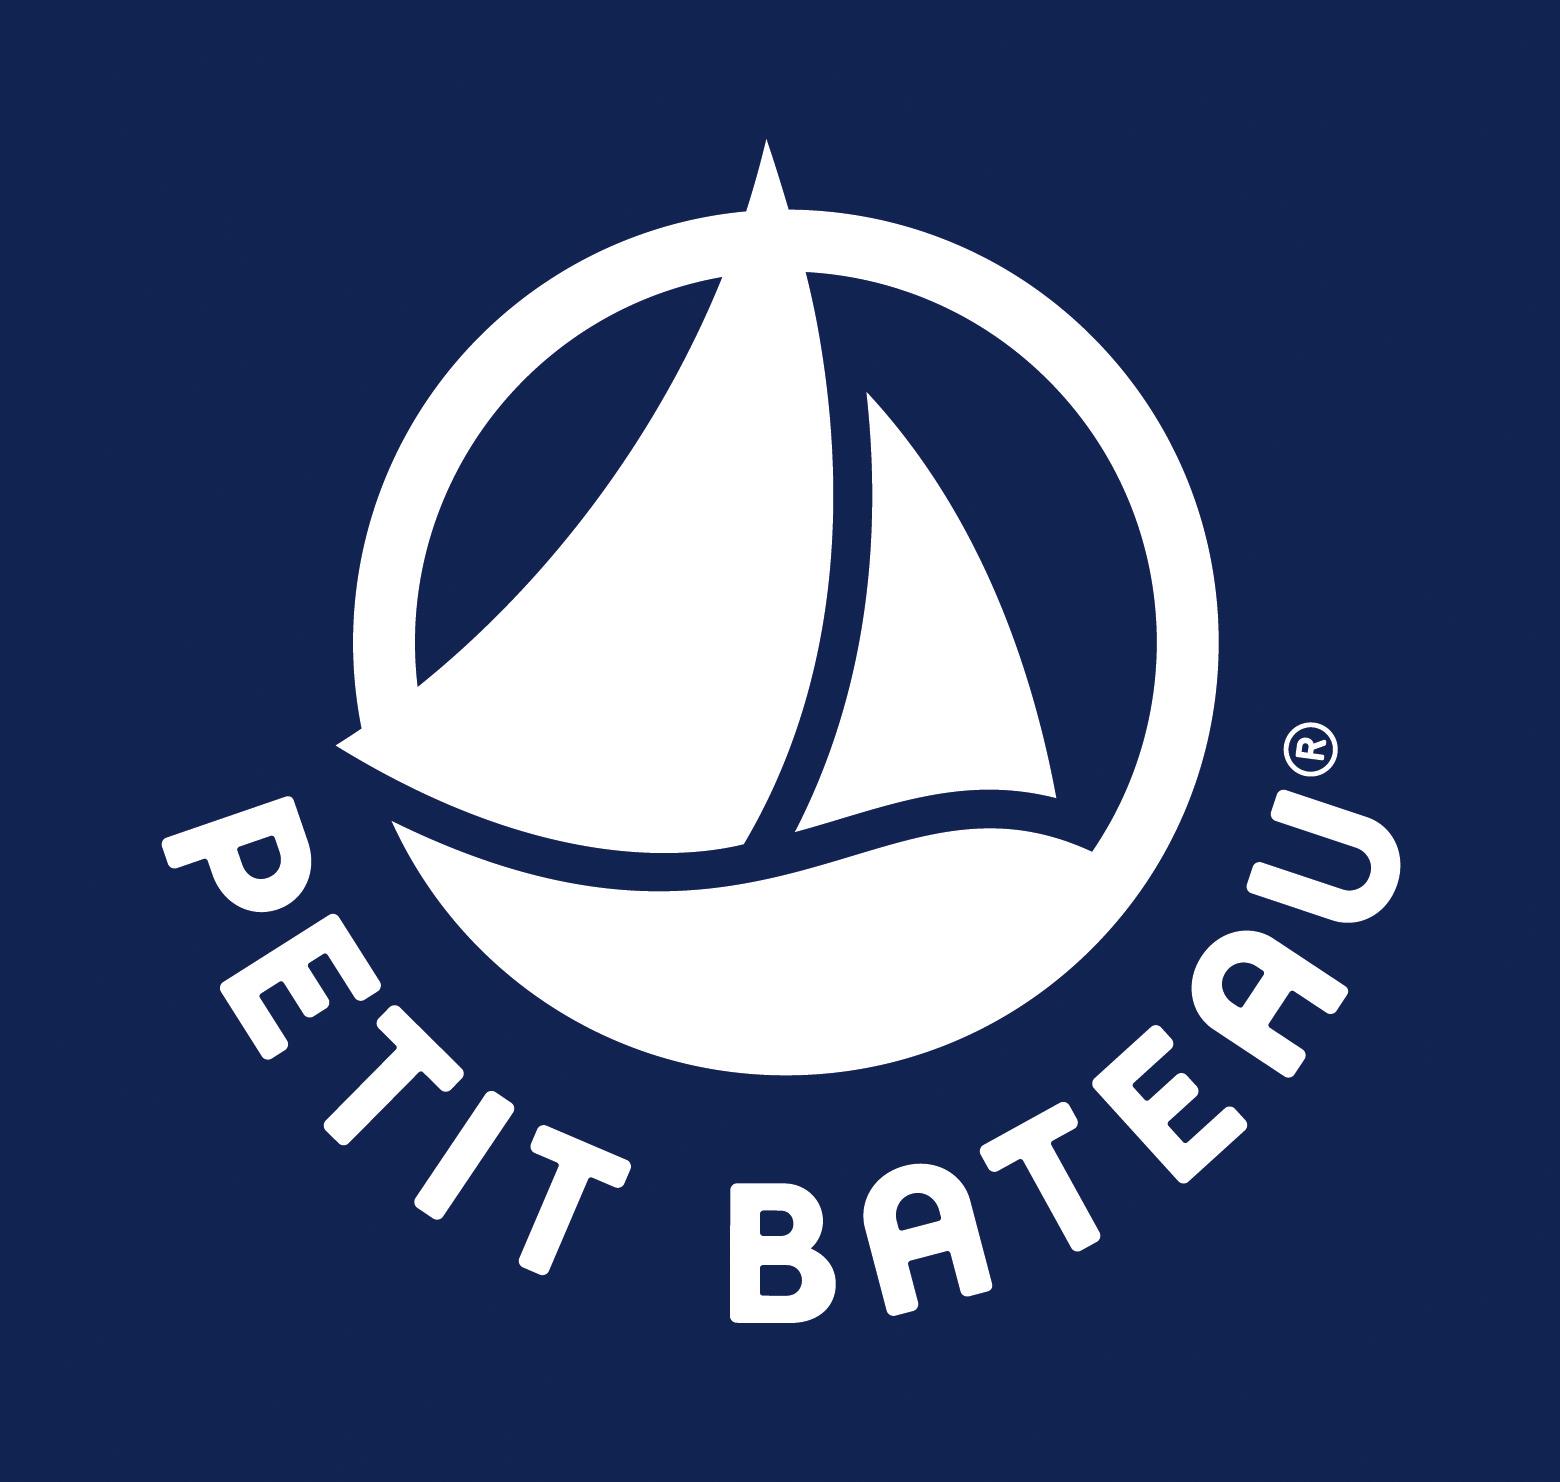 Petit bateau logo clipart picture transparent library Petit Bateau : Le Muz picture transparent library